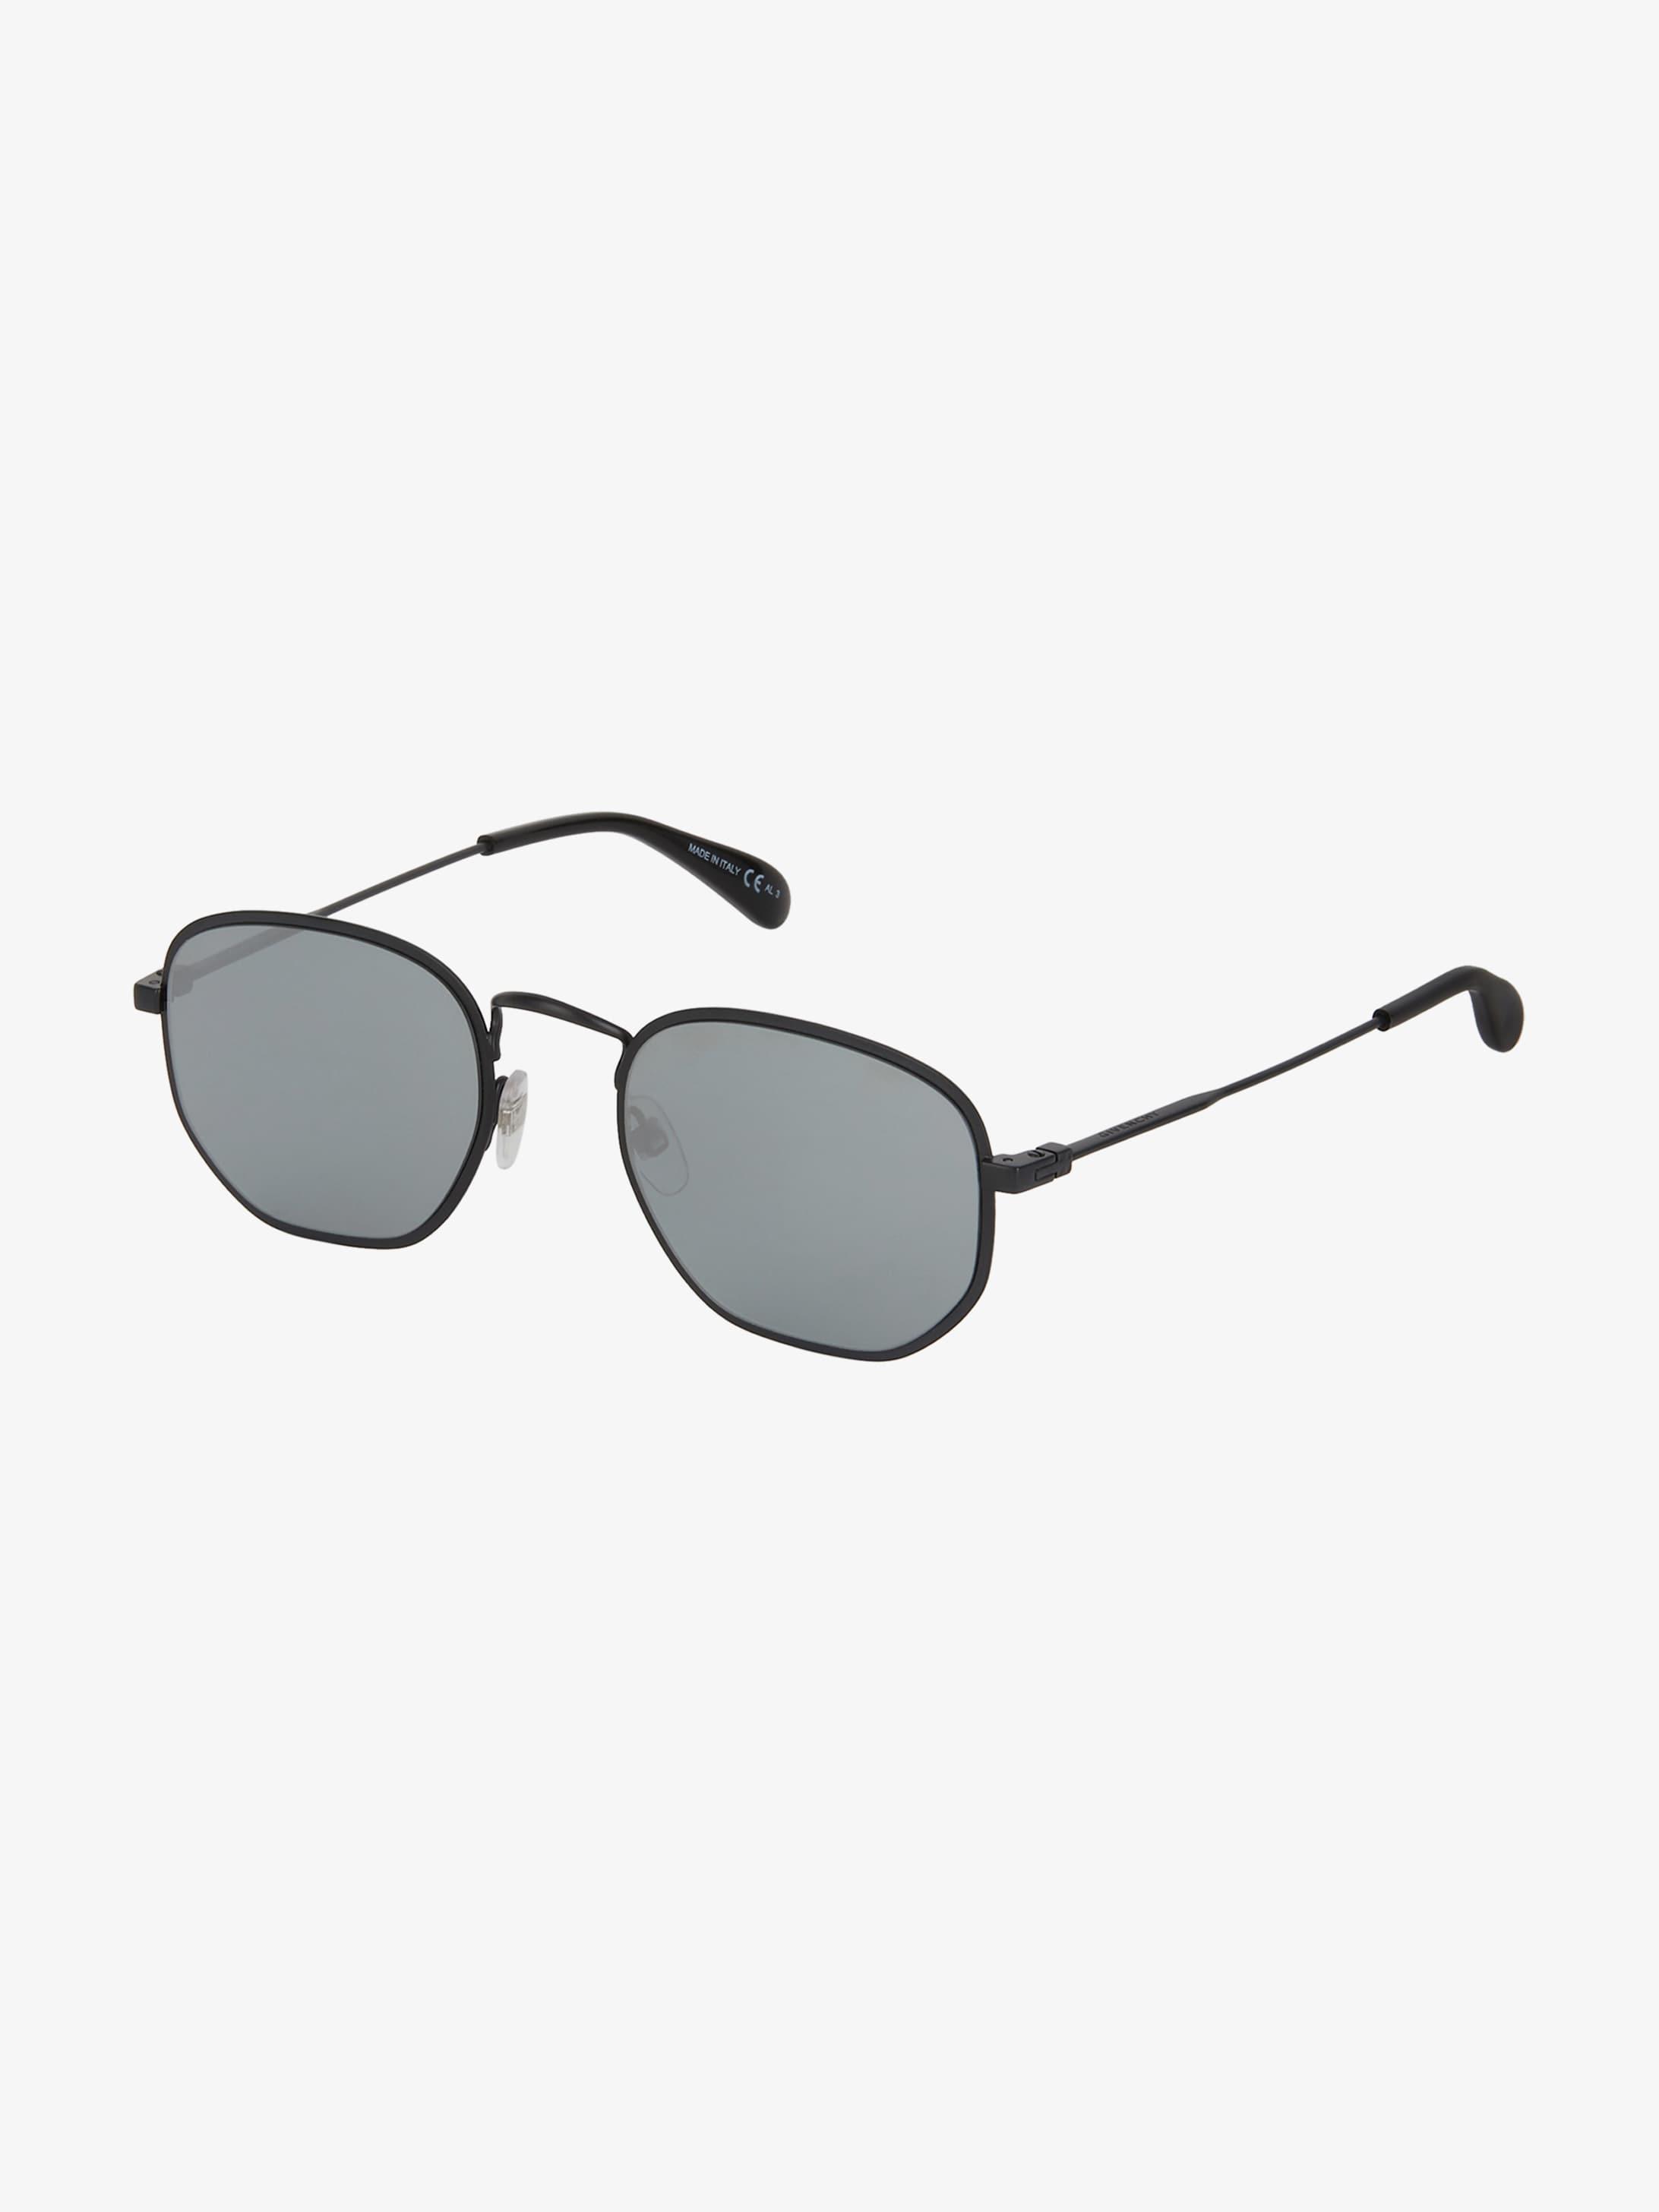 GV NAVIGATOR sunglasses in acetate and metal